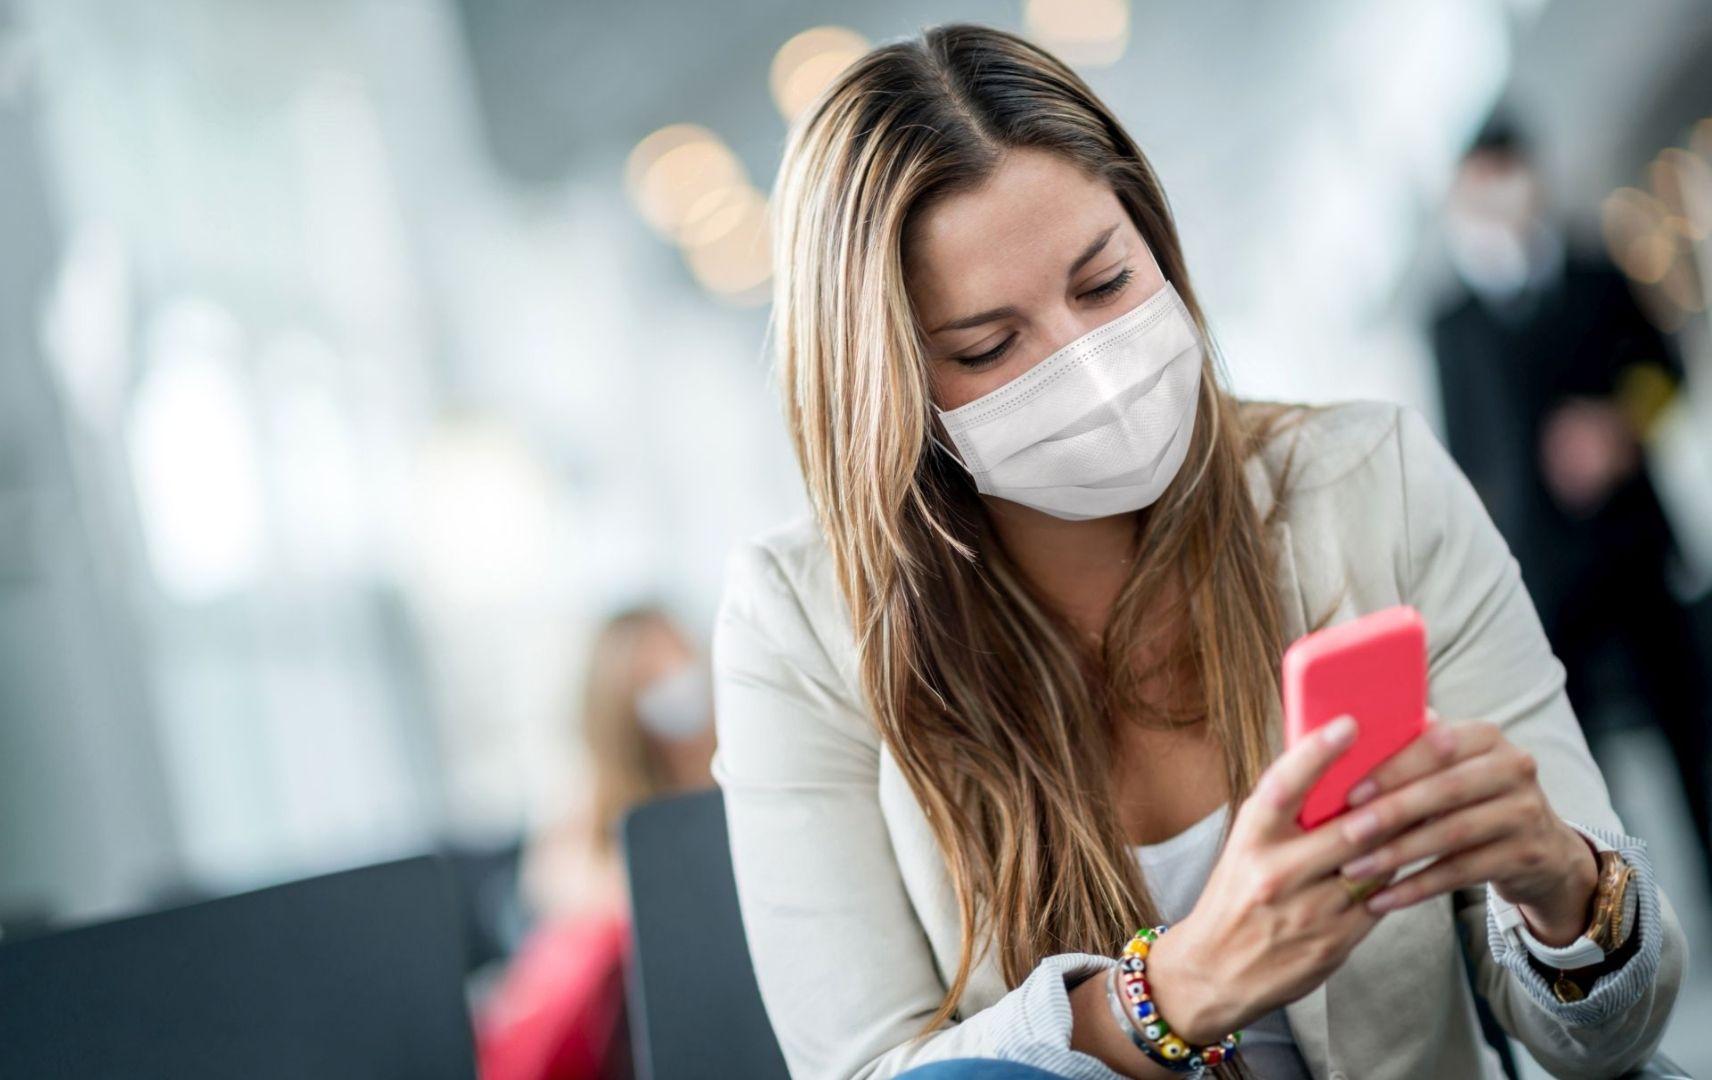 Frau mit Maske am Flughafen schaut auf ihr Mobiltelefon